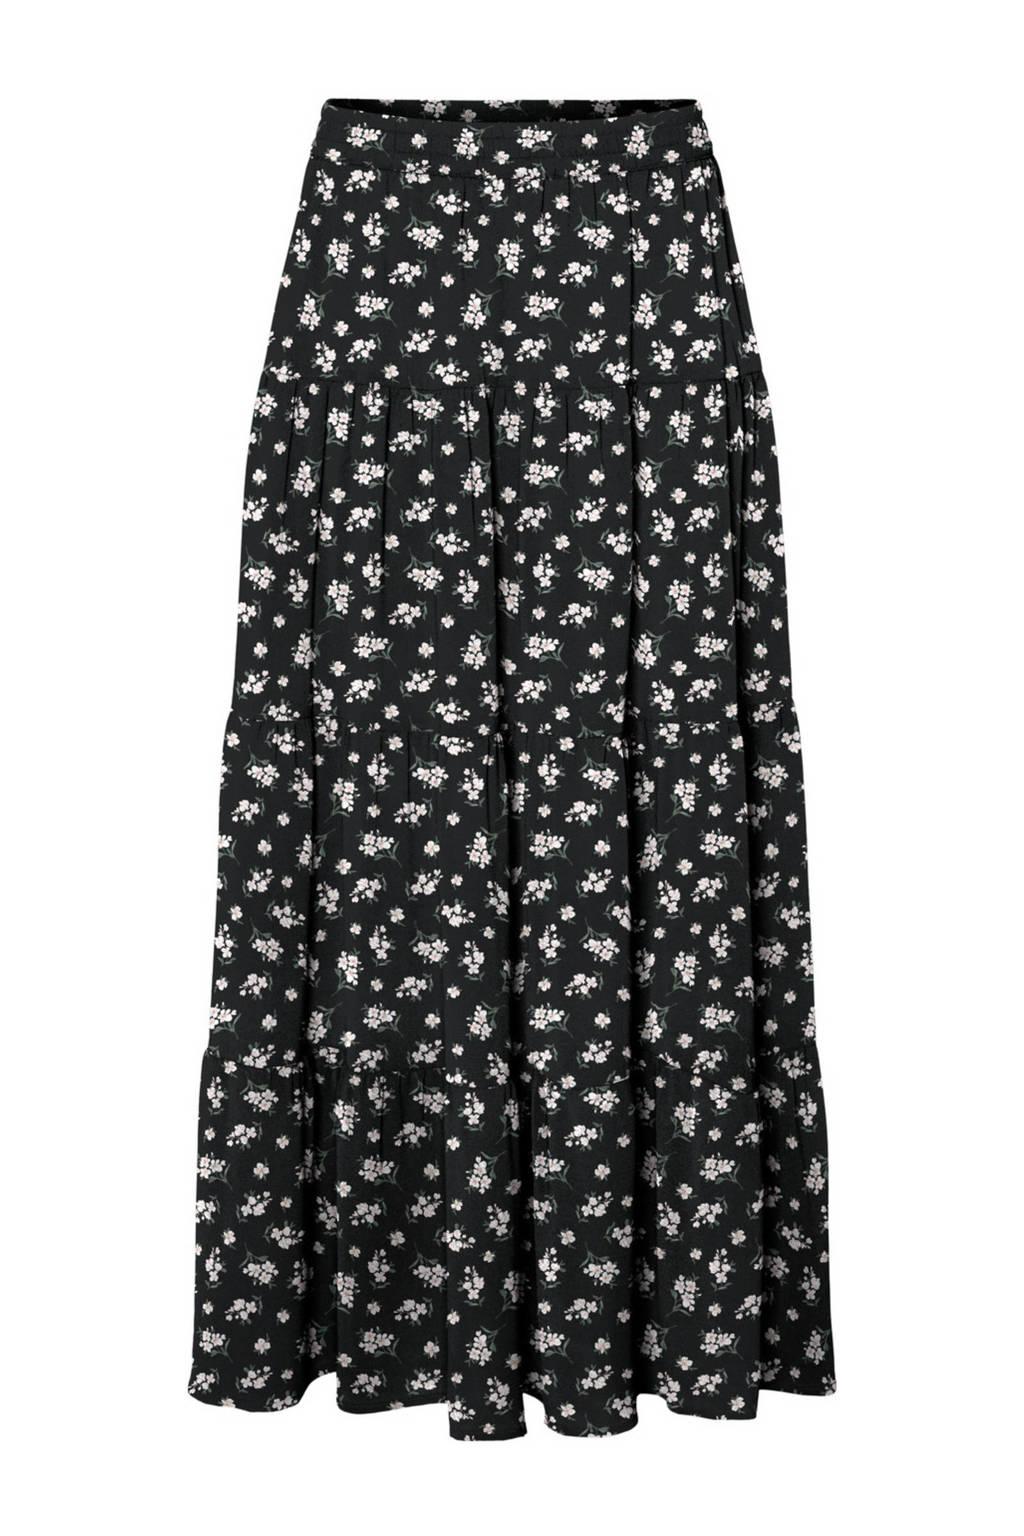 VERO MODA gebloemde rok VMSAGA van gerecycled polyester zwart, Zwart